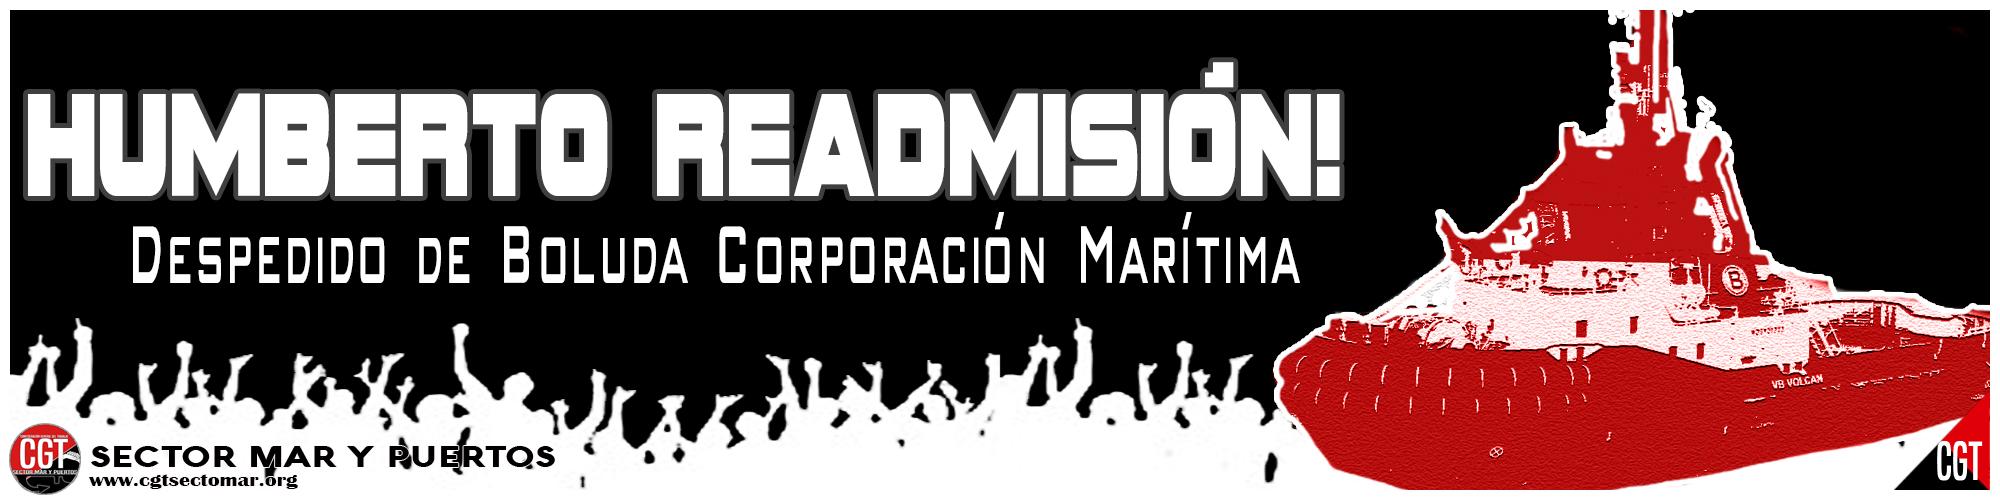 CGT Sector Mar Y Puertos